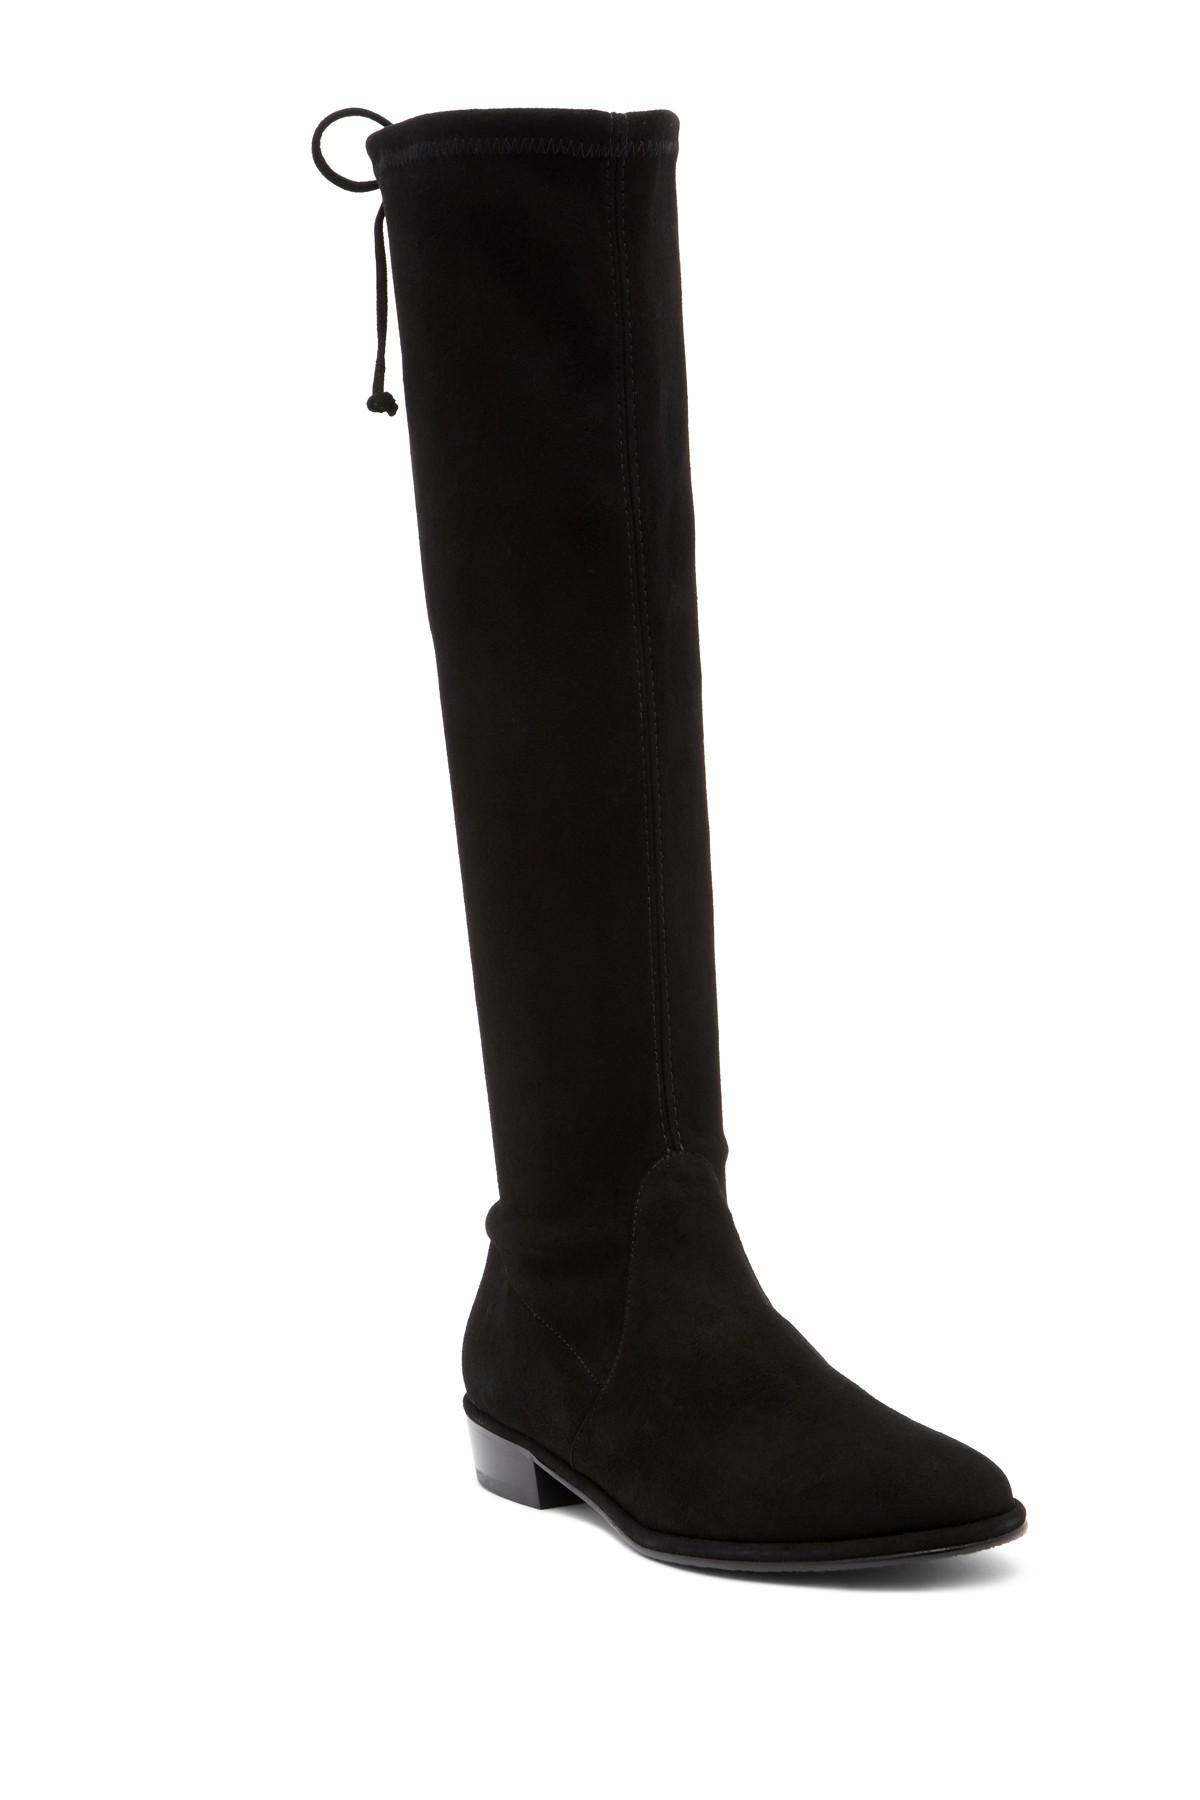 Stuart Weitzman Suede Lowland Thigh High Boots In Black